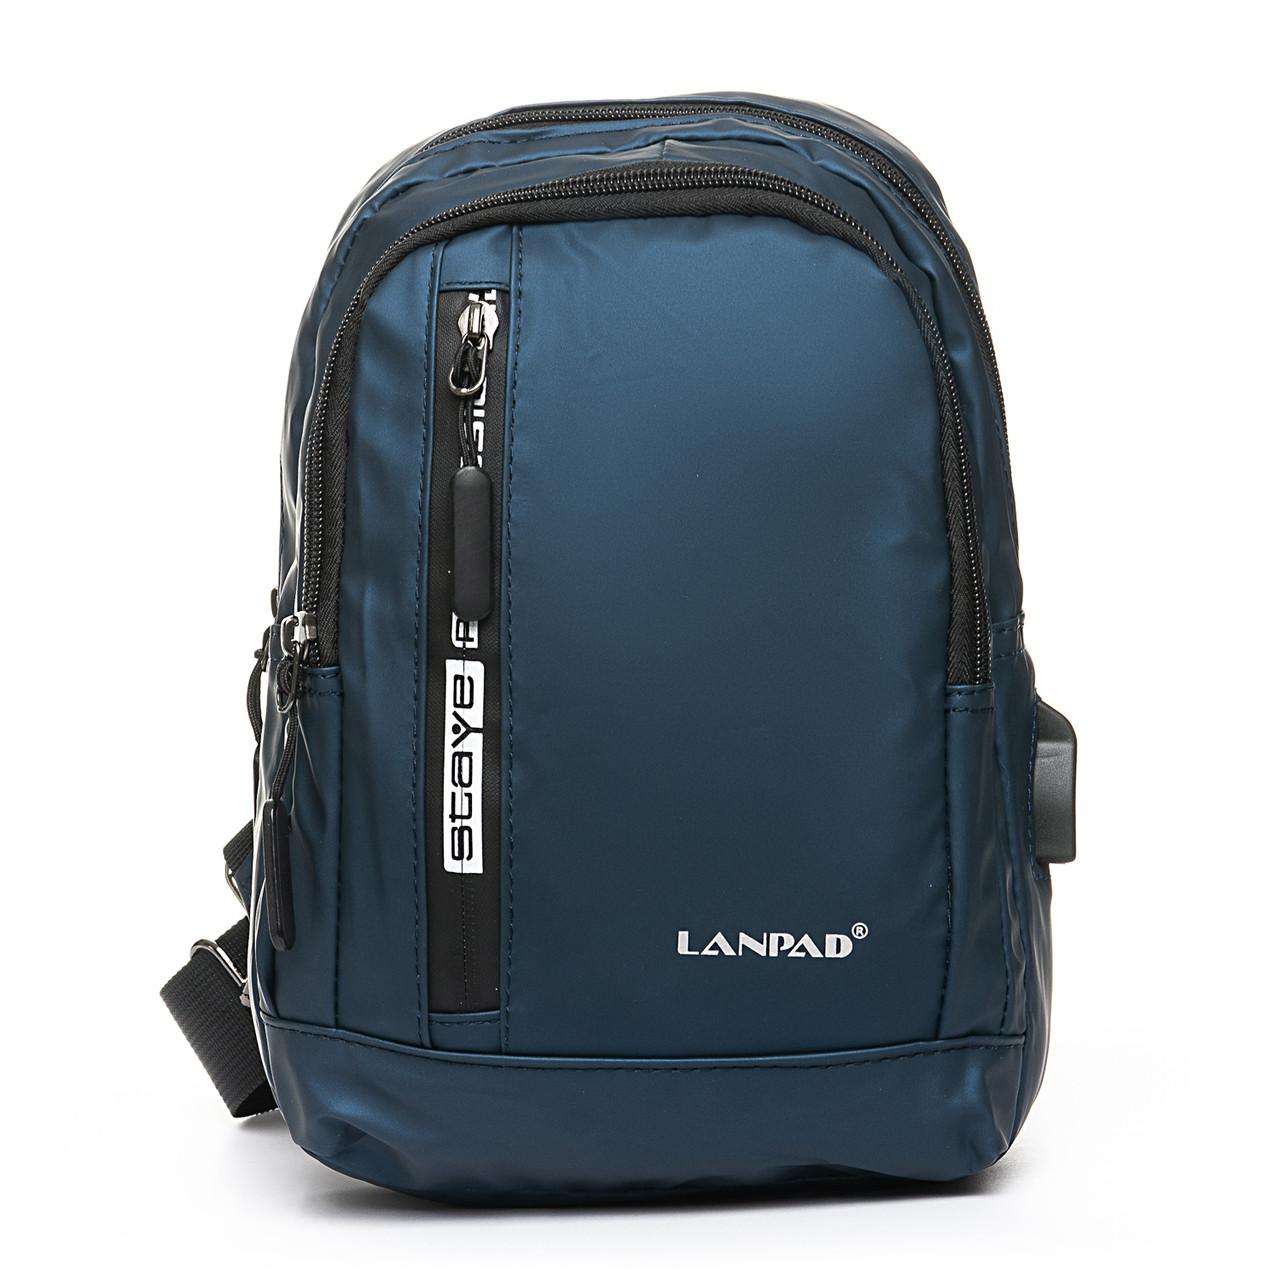 Мужская сумка через плече Lanpad 18 x 28 x 10 см Синий (8329/2)